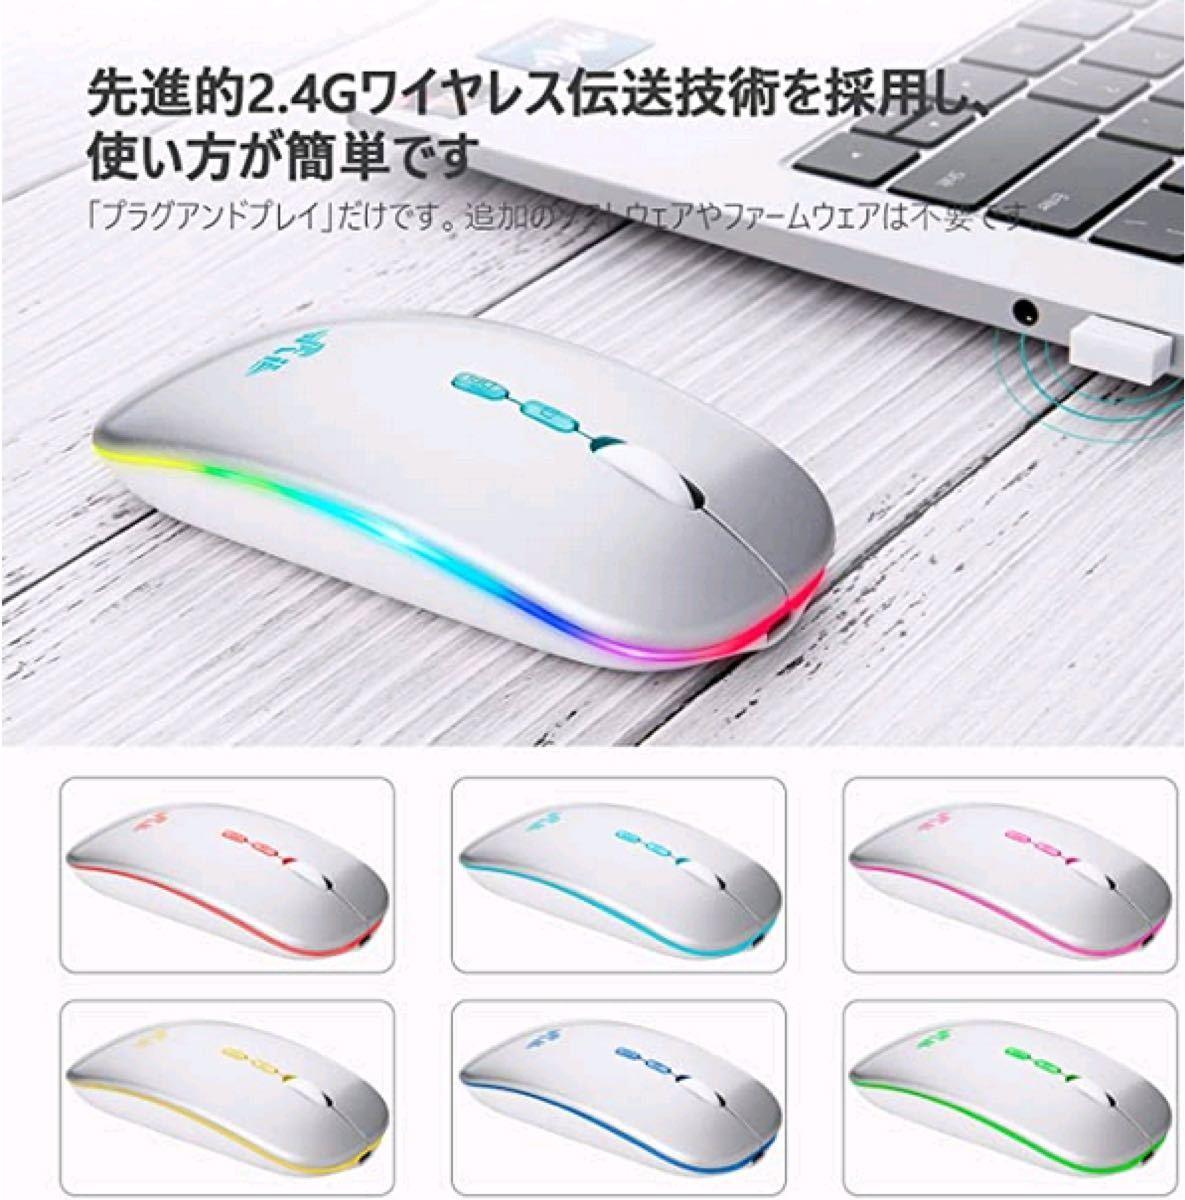 ワイヤレスマウス Bluetooth 静音 Mouse